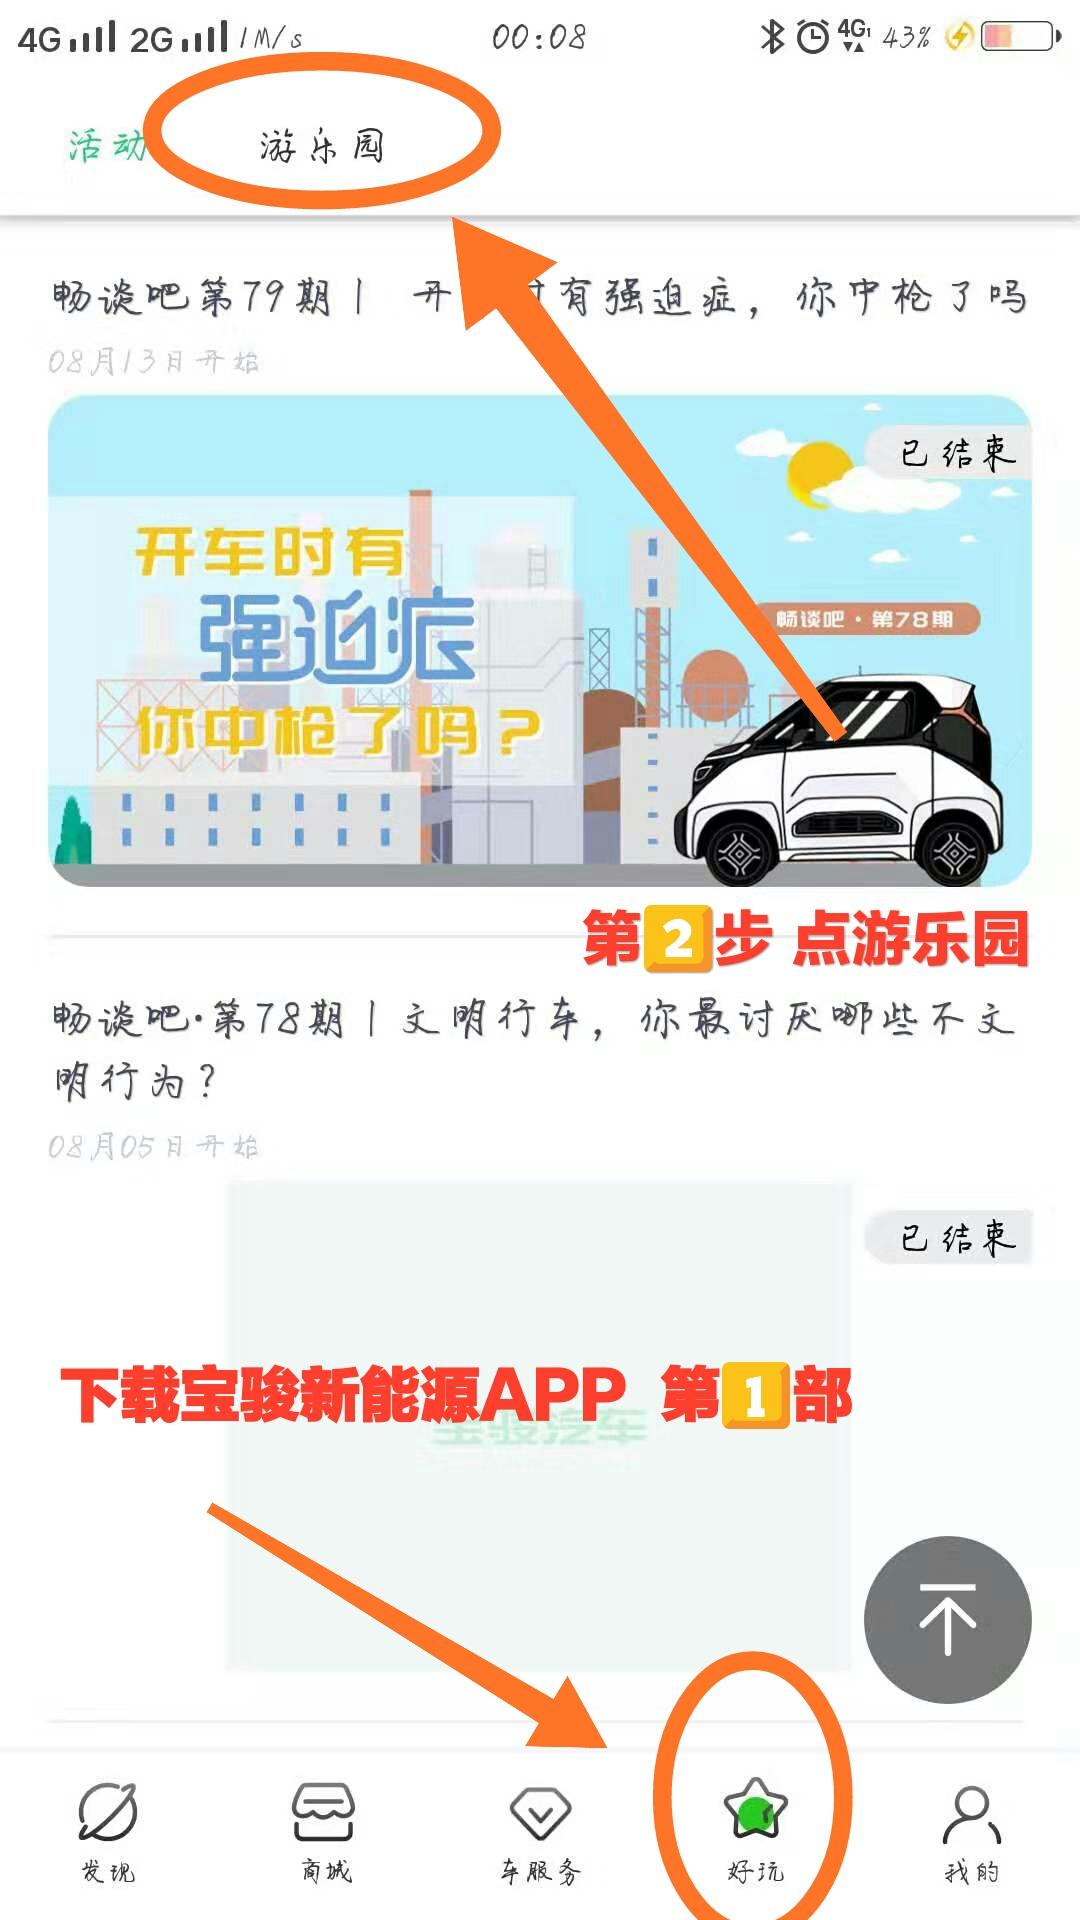 [现金红包]宝骏新能源寻宝红包-www.im86.com